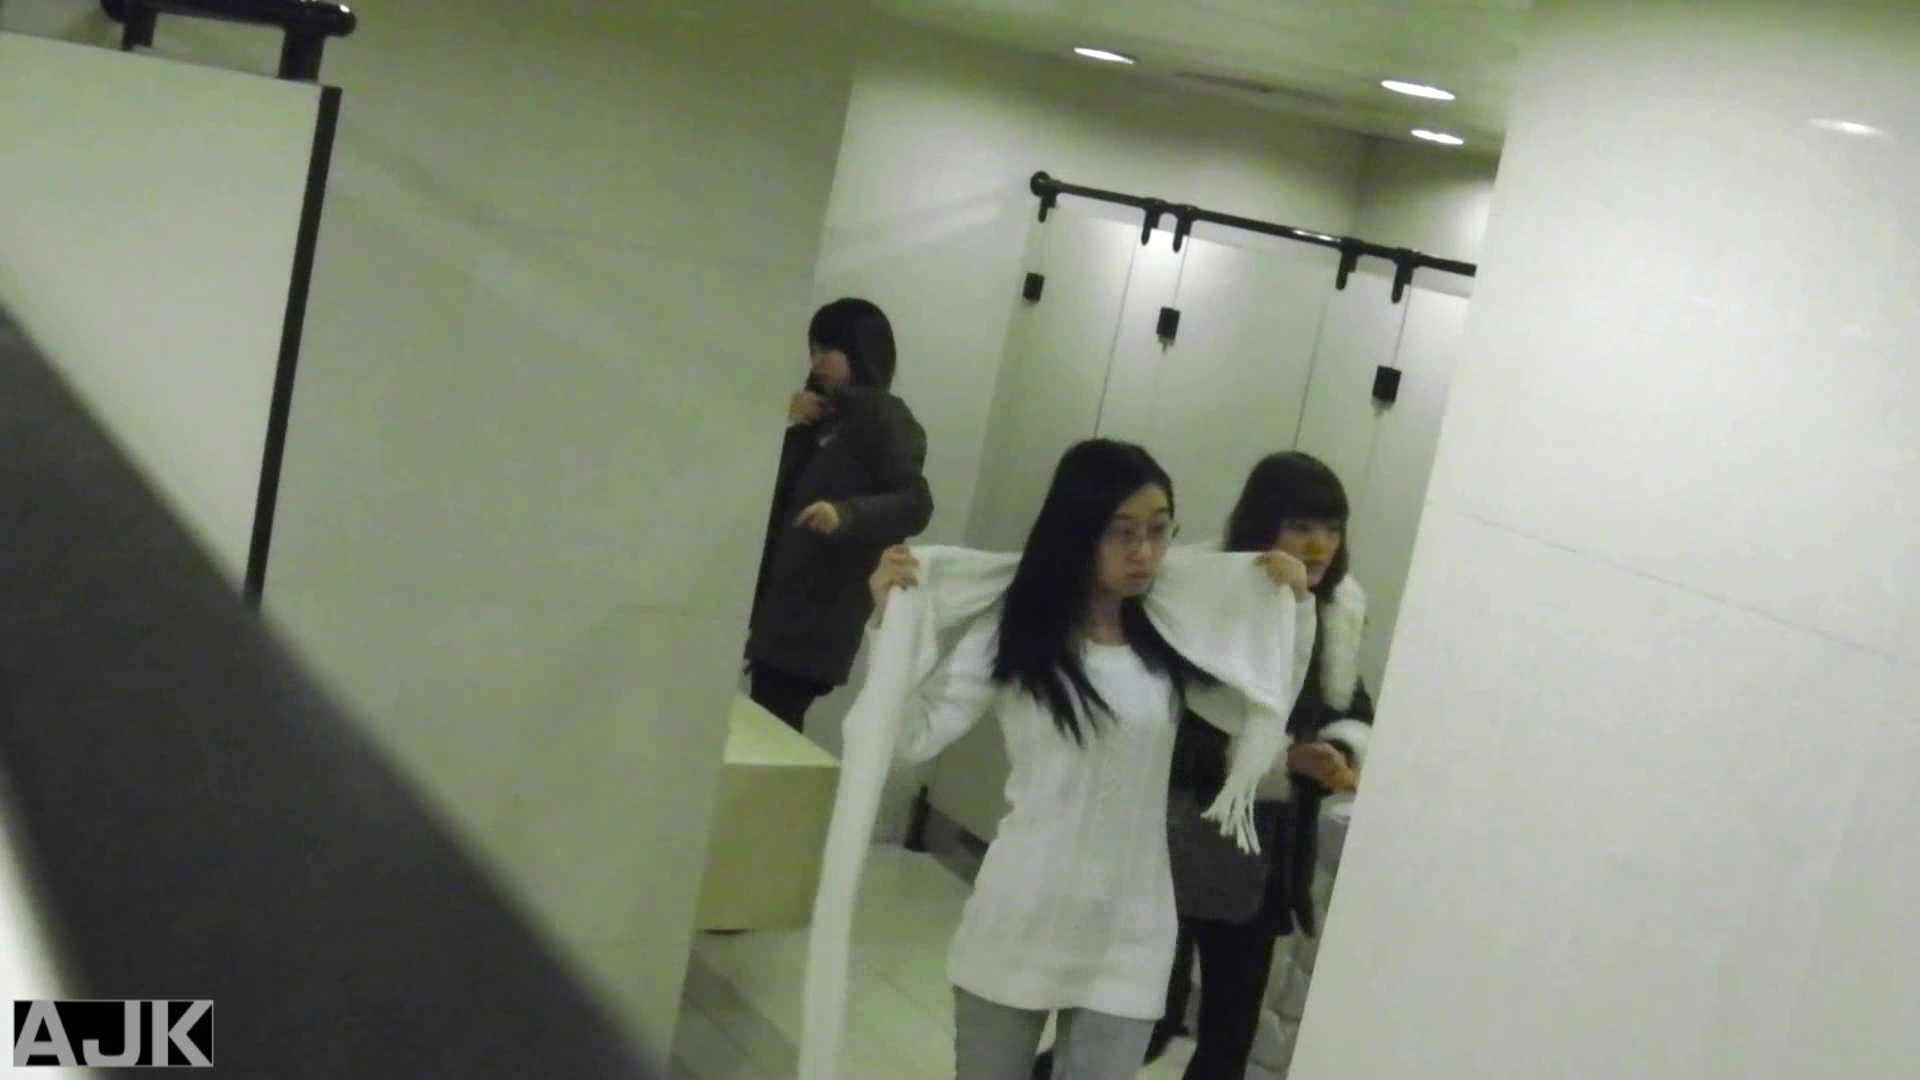 隣国上階級エリアの令嬢たちが集うデパートお手洗い Vol.14 HなOL エロ無料画像 75pic 56